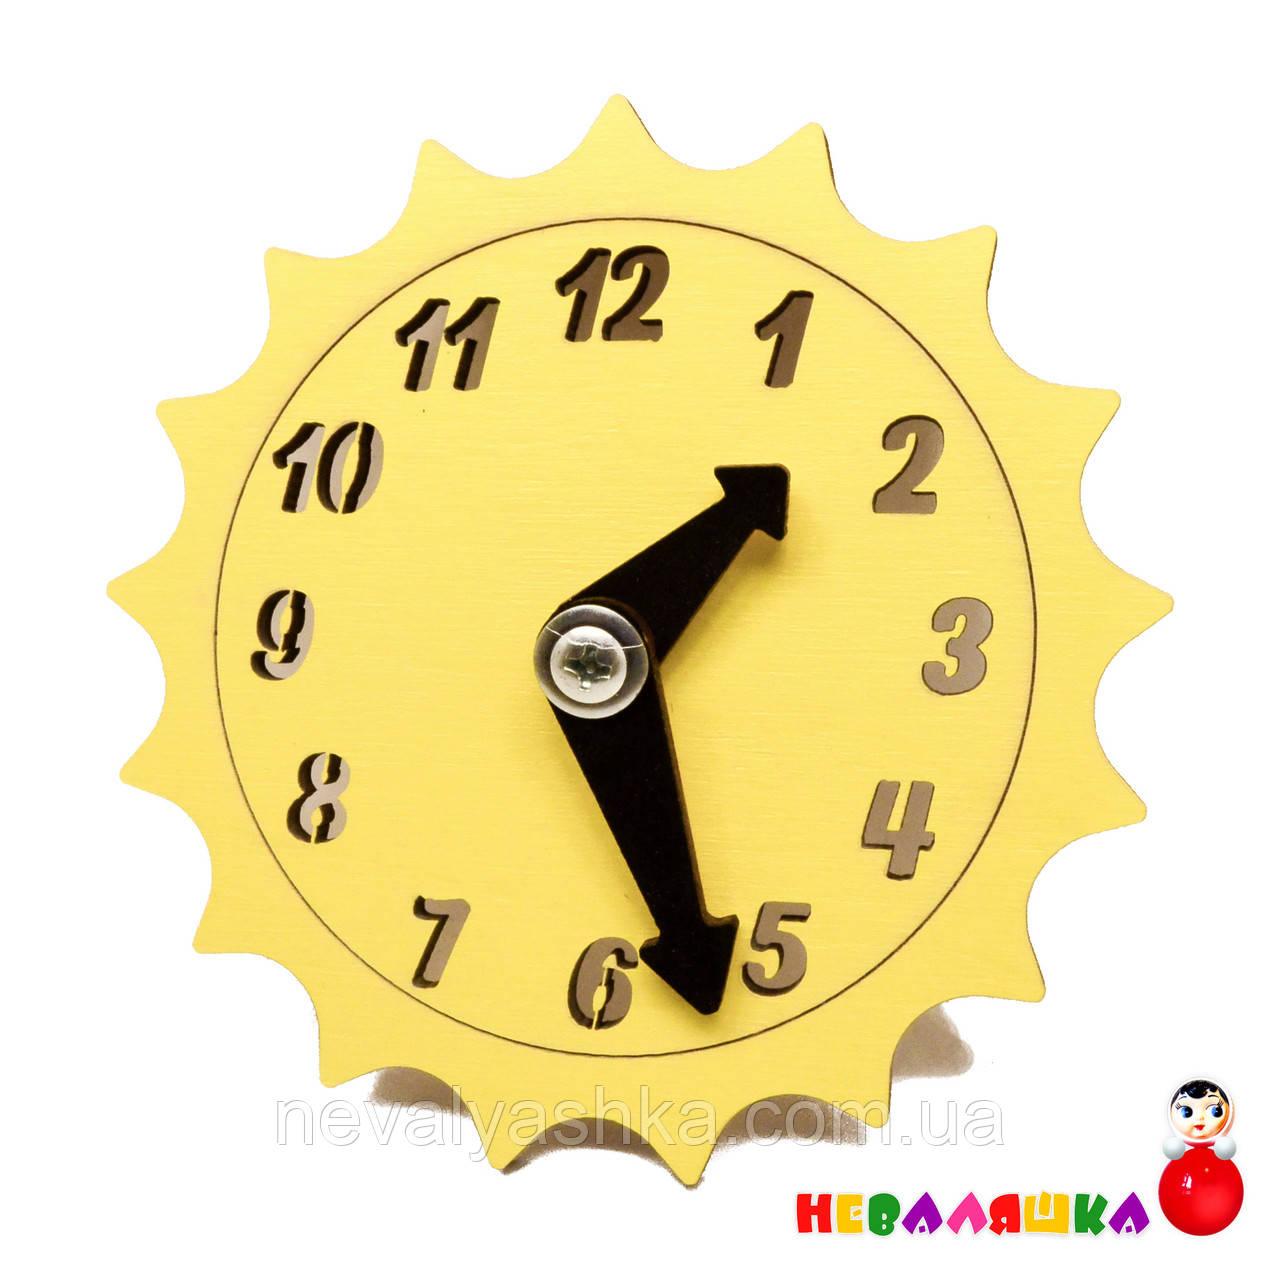 Заготовка для Бизиборда Желтые Часы Солнышко Солнце со Стрелками Дерев'яний годинник для бізіборда